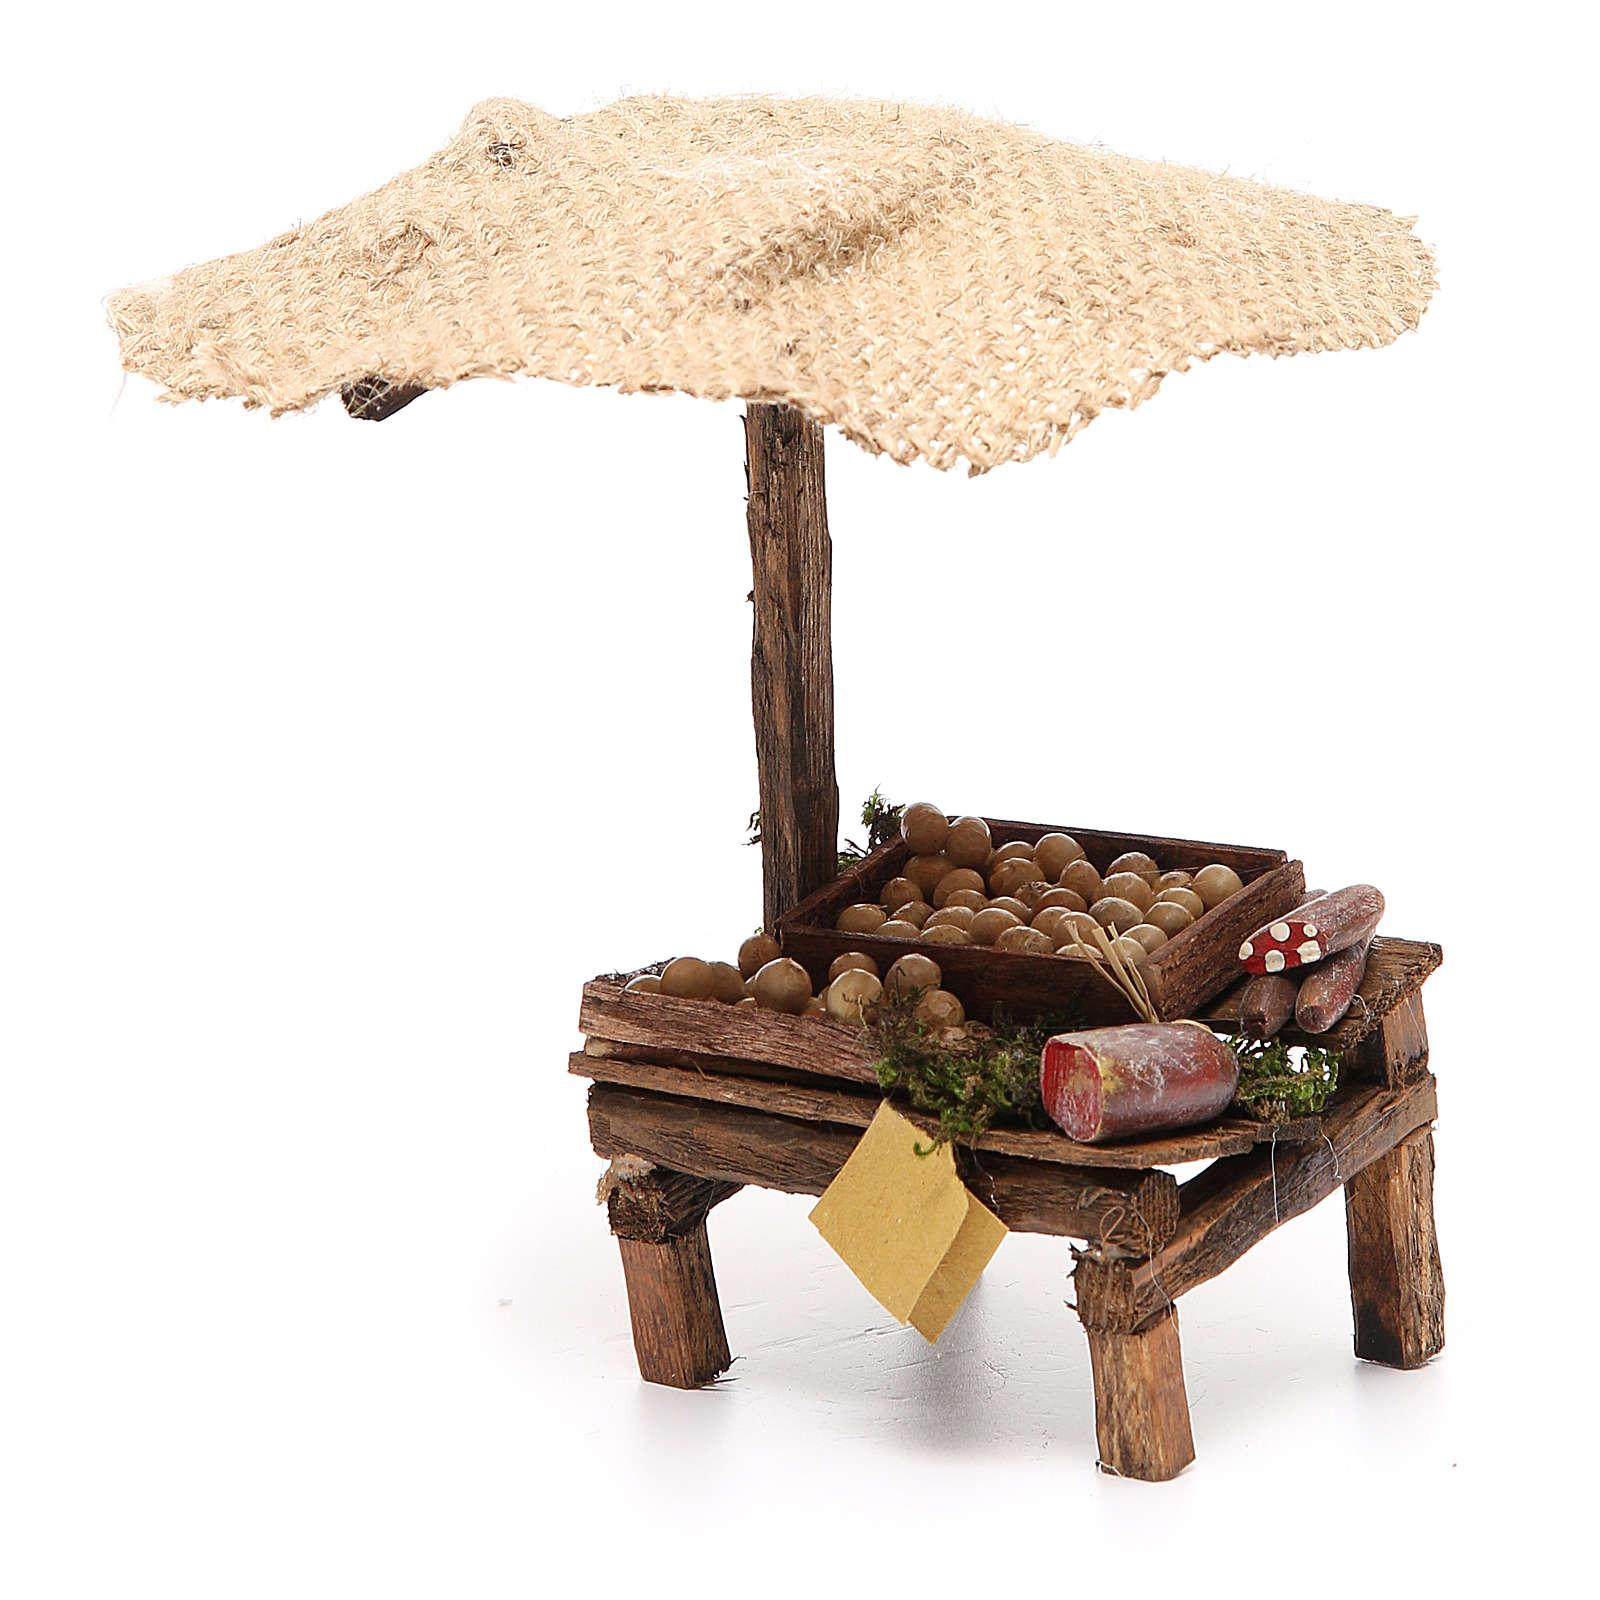 Puesto de mercado para belén con sombrilla, huevos y embutidos 16x10x12 cm 4